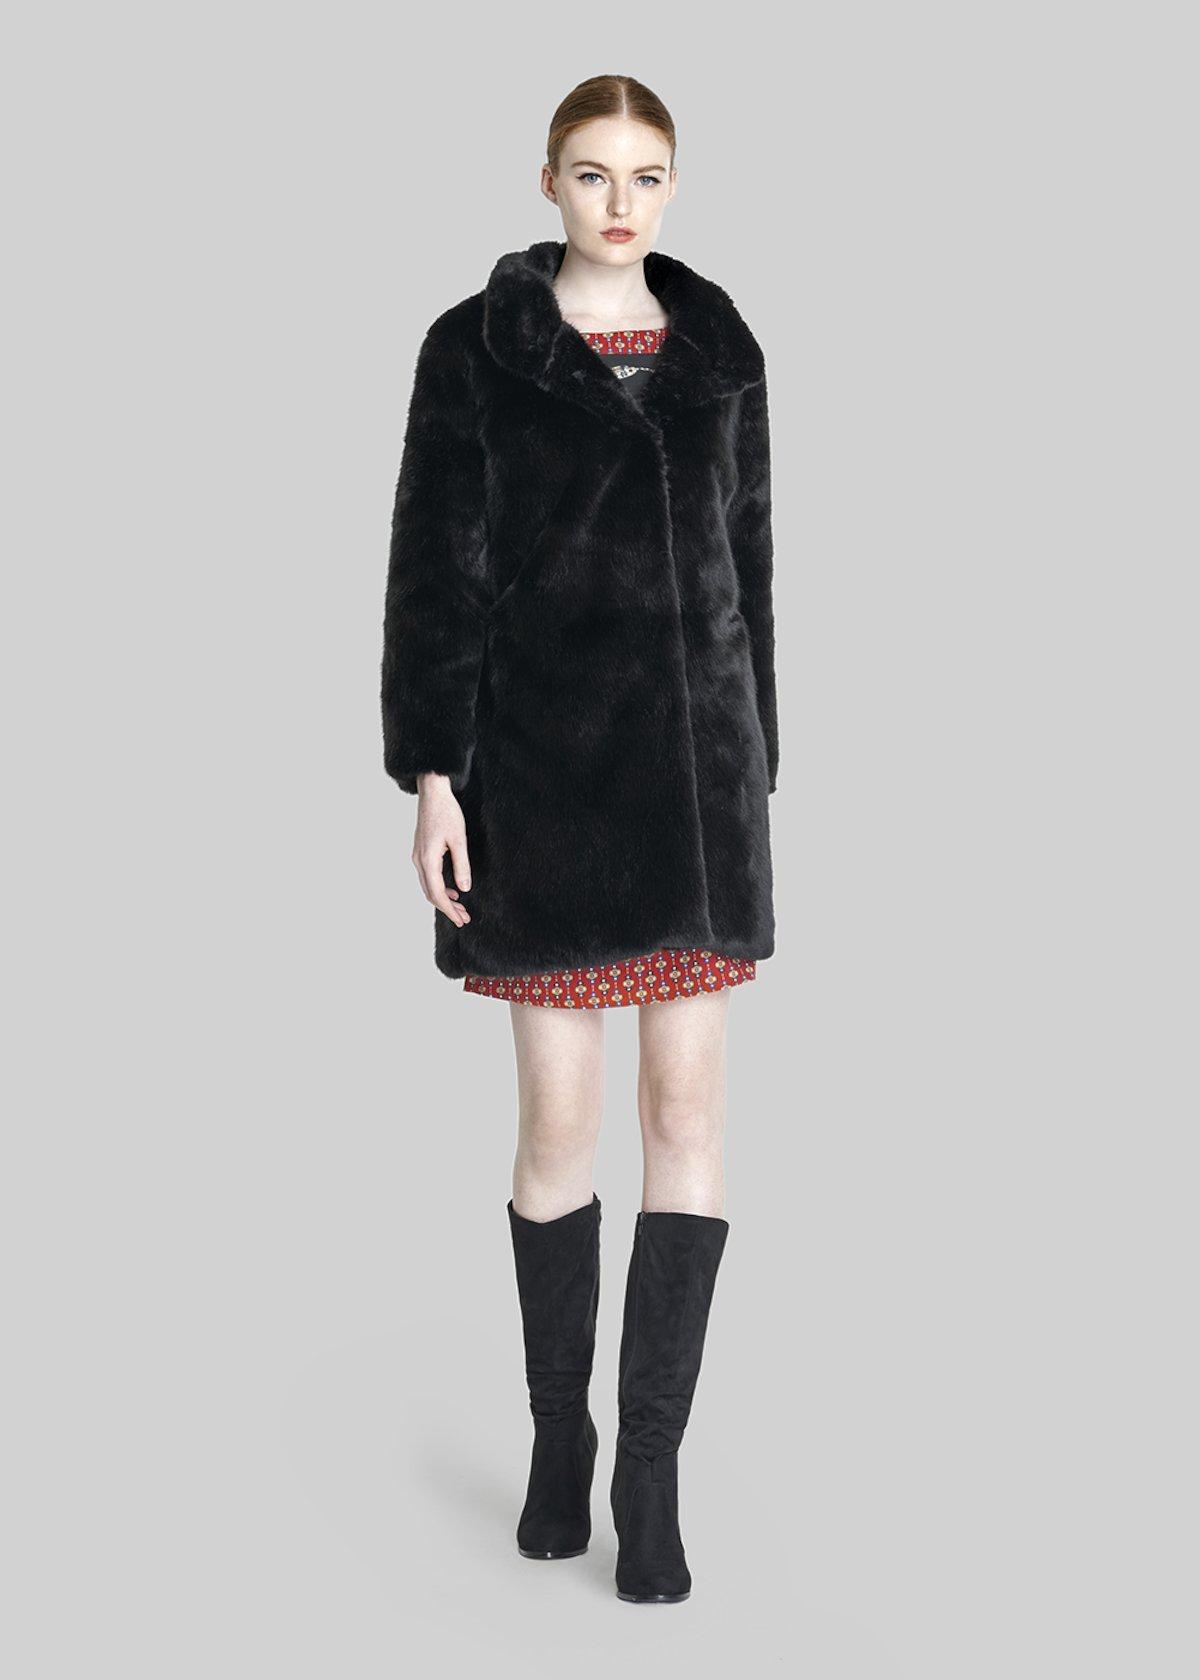 Chris Faux fur with Turtleneck - Black